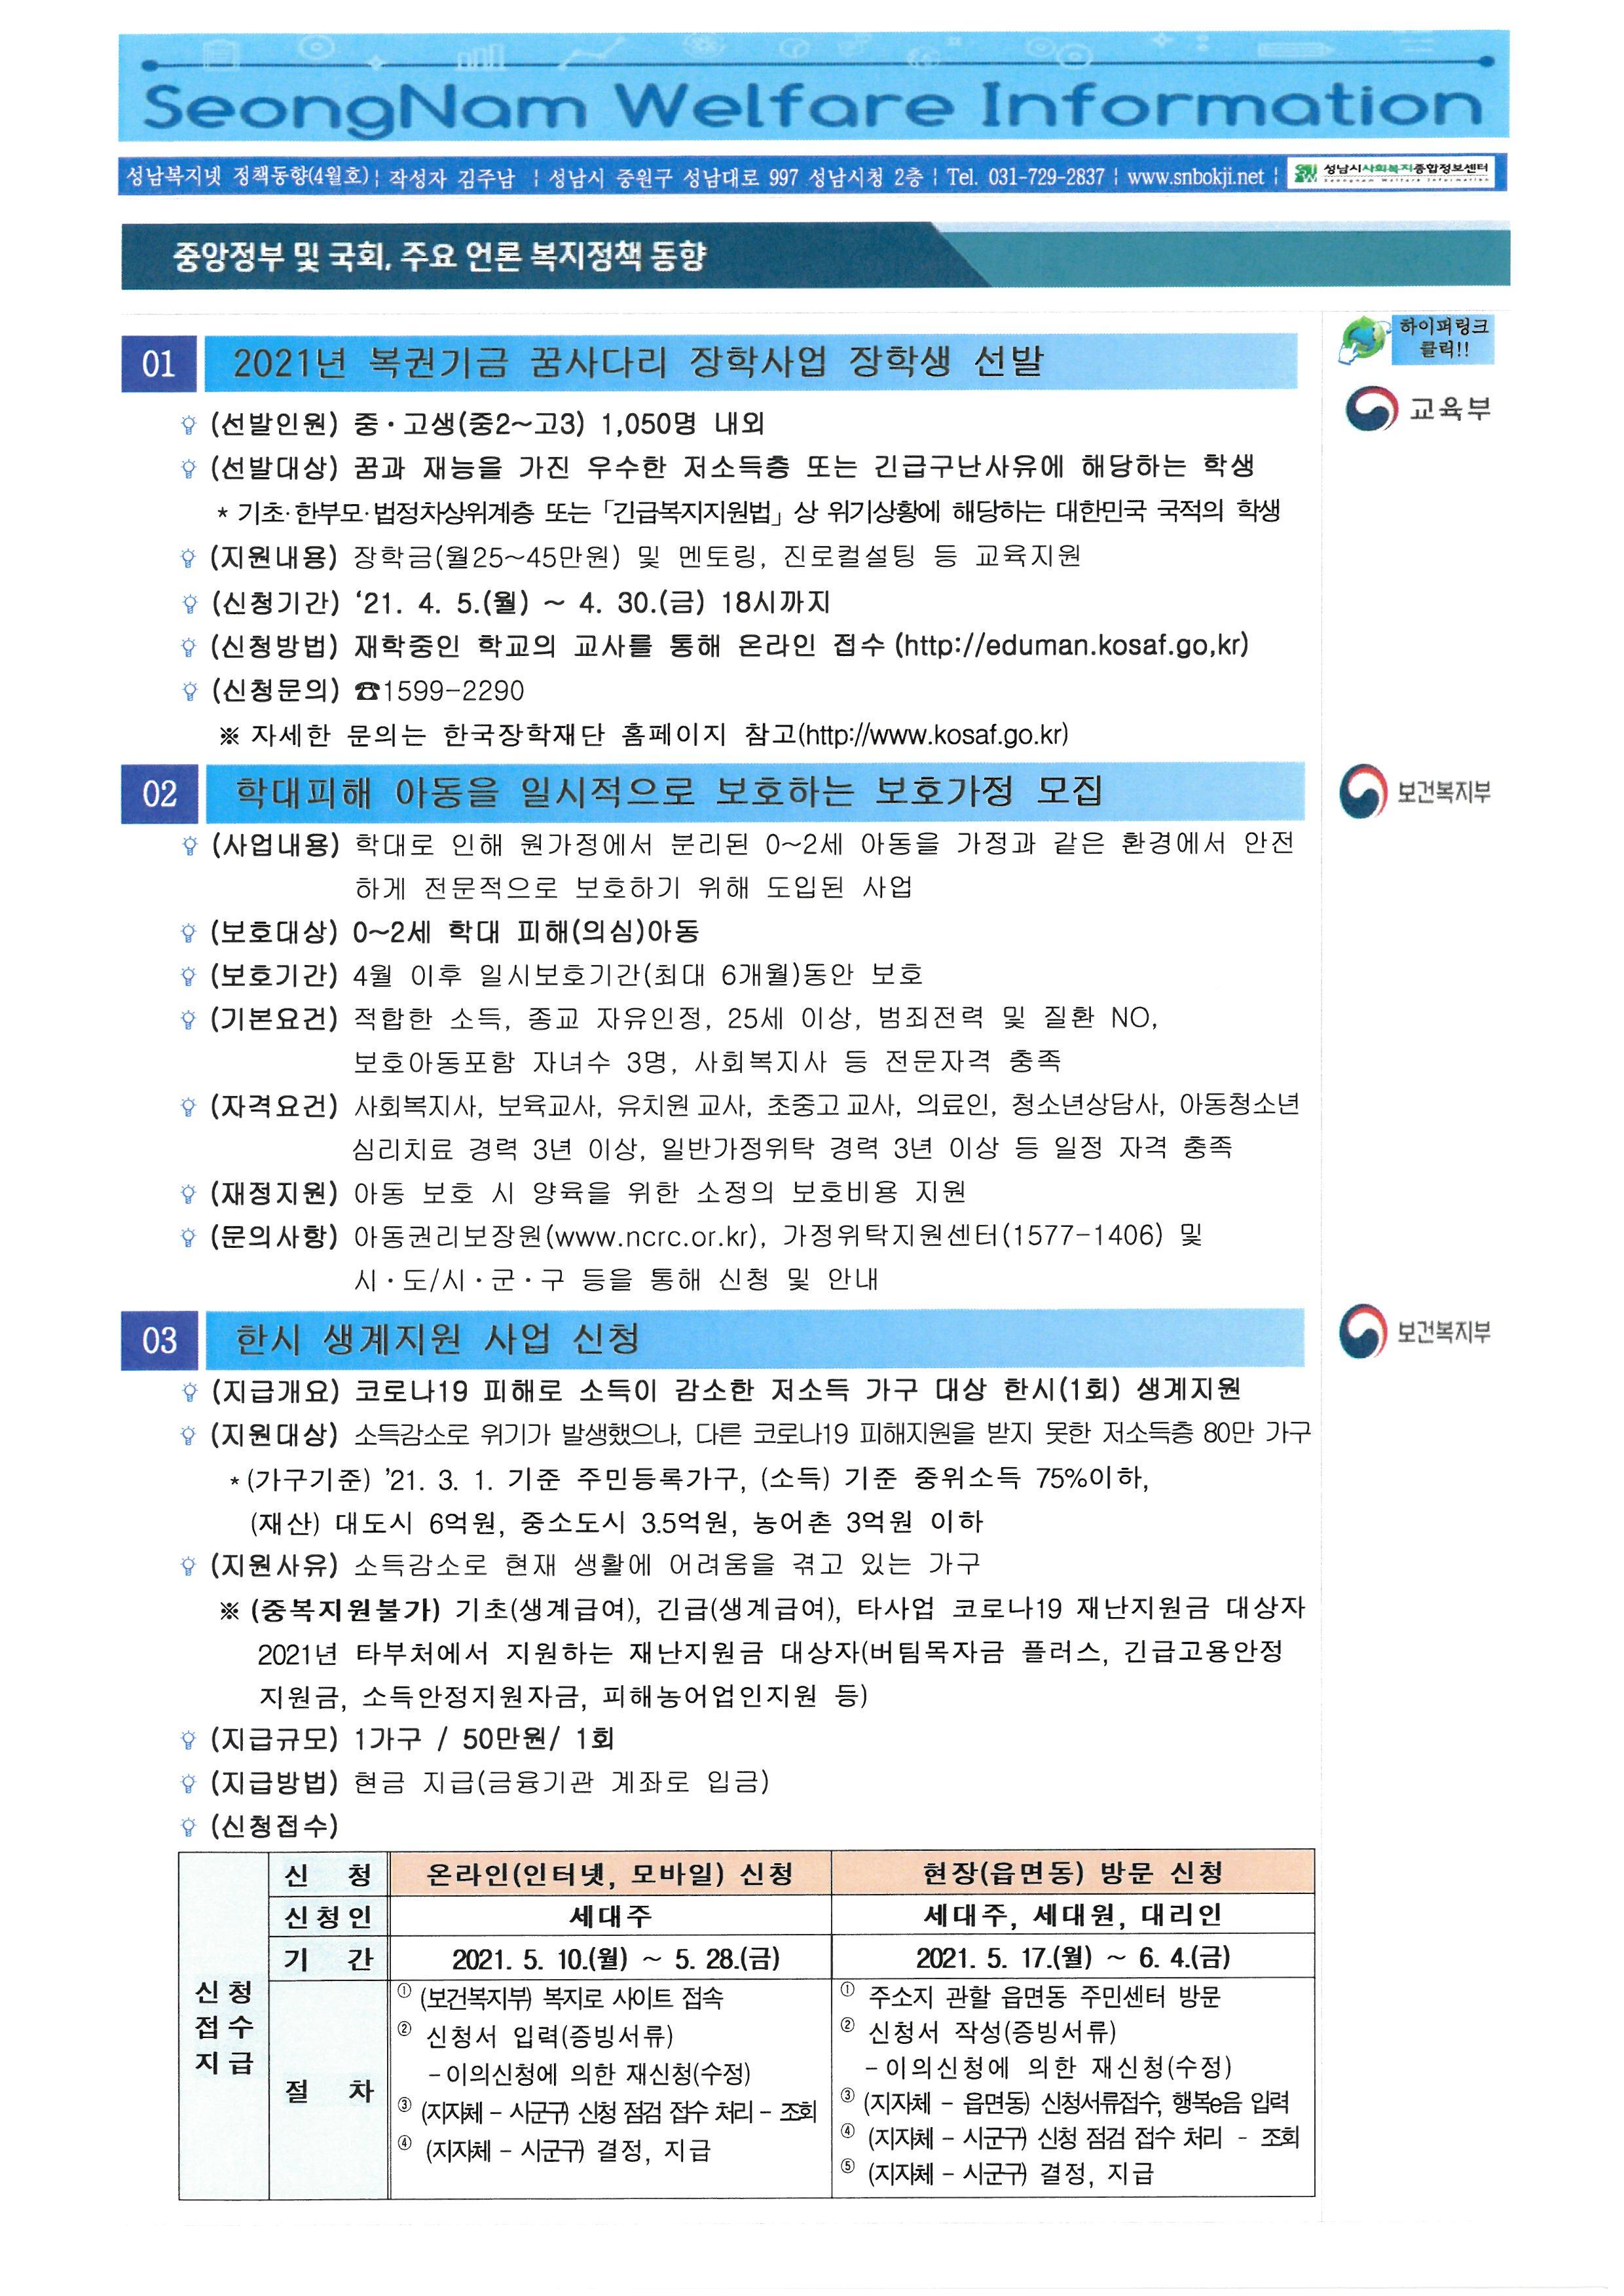 복지정책동향 2021년 4월호